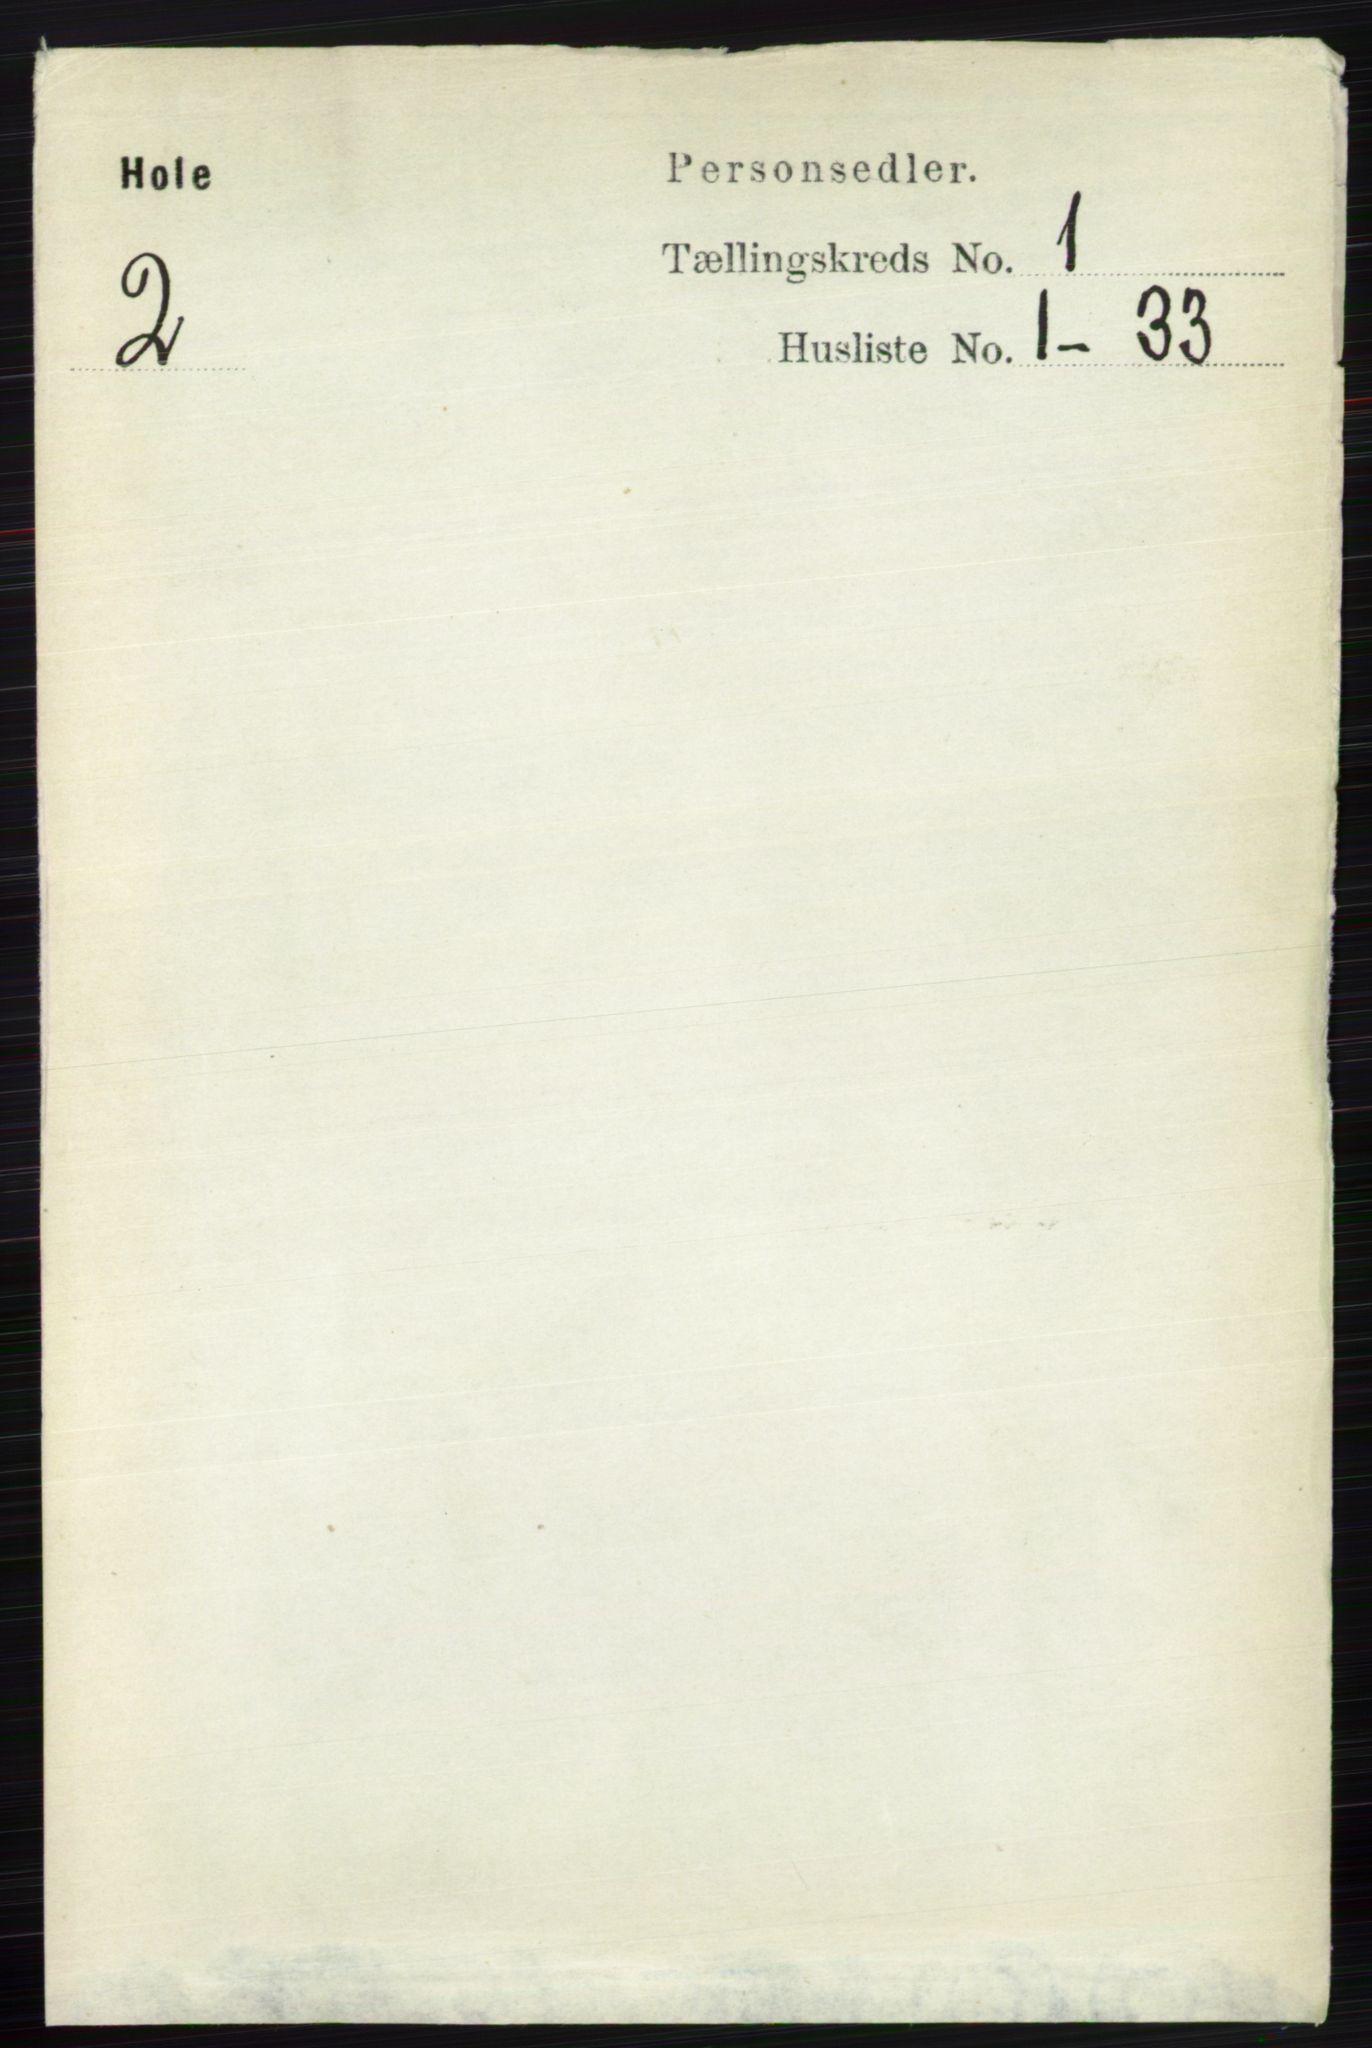 RA, Folketelling 1891 for 0612 Hole herred, 1891, s. 127